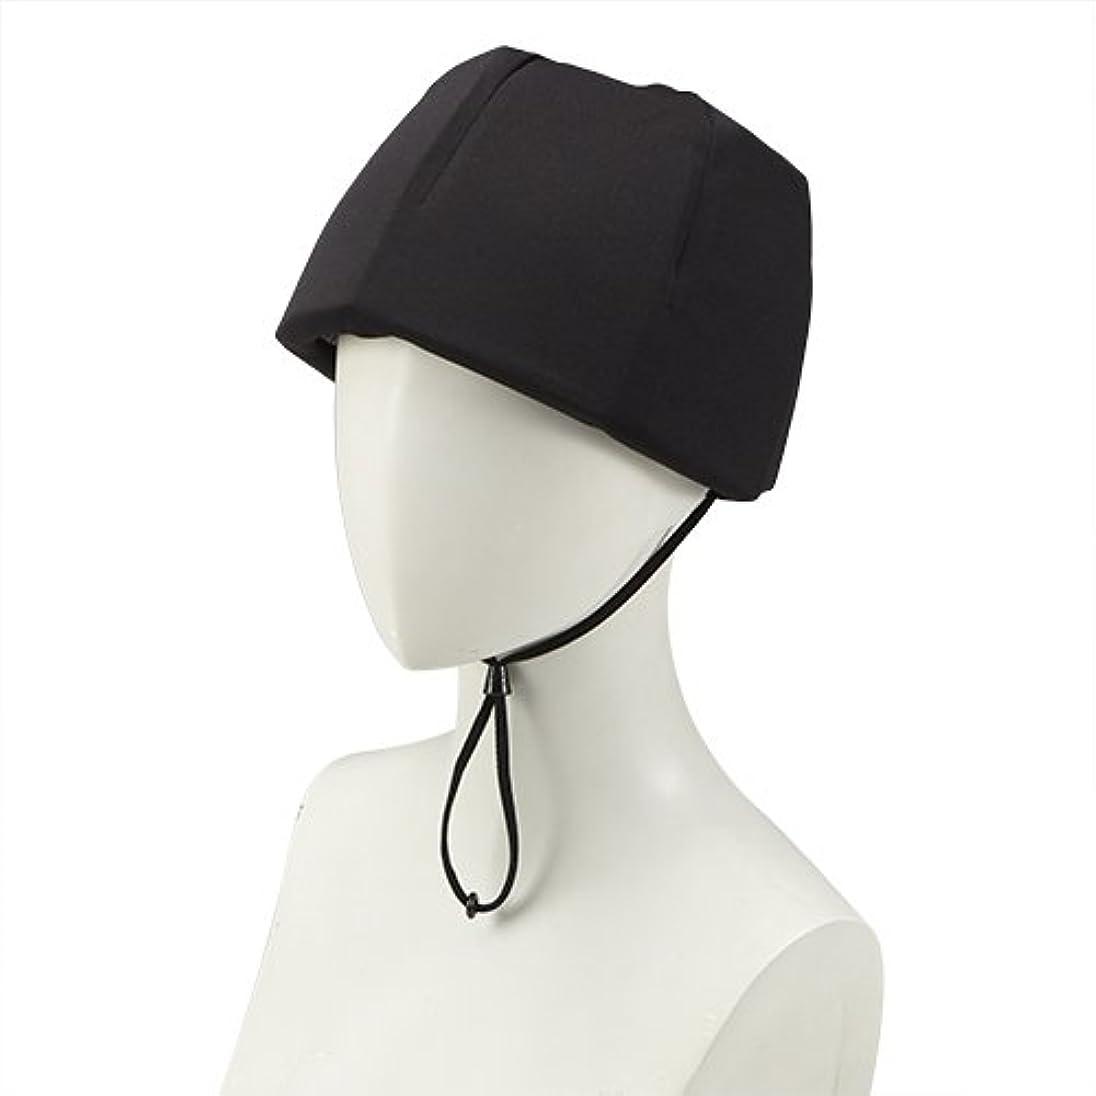 イデオロギー属性暴力頭部保護 インナーキャップ 54~58cm ブラック